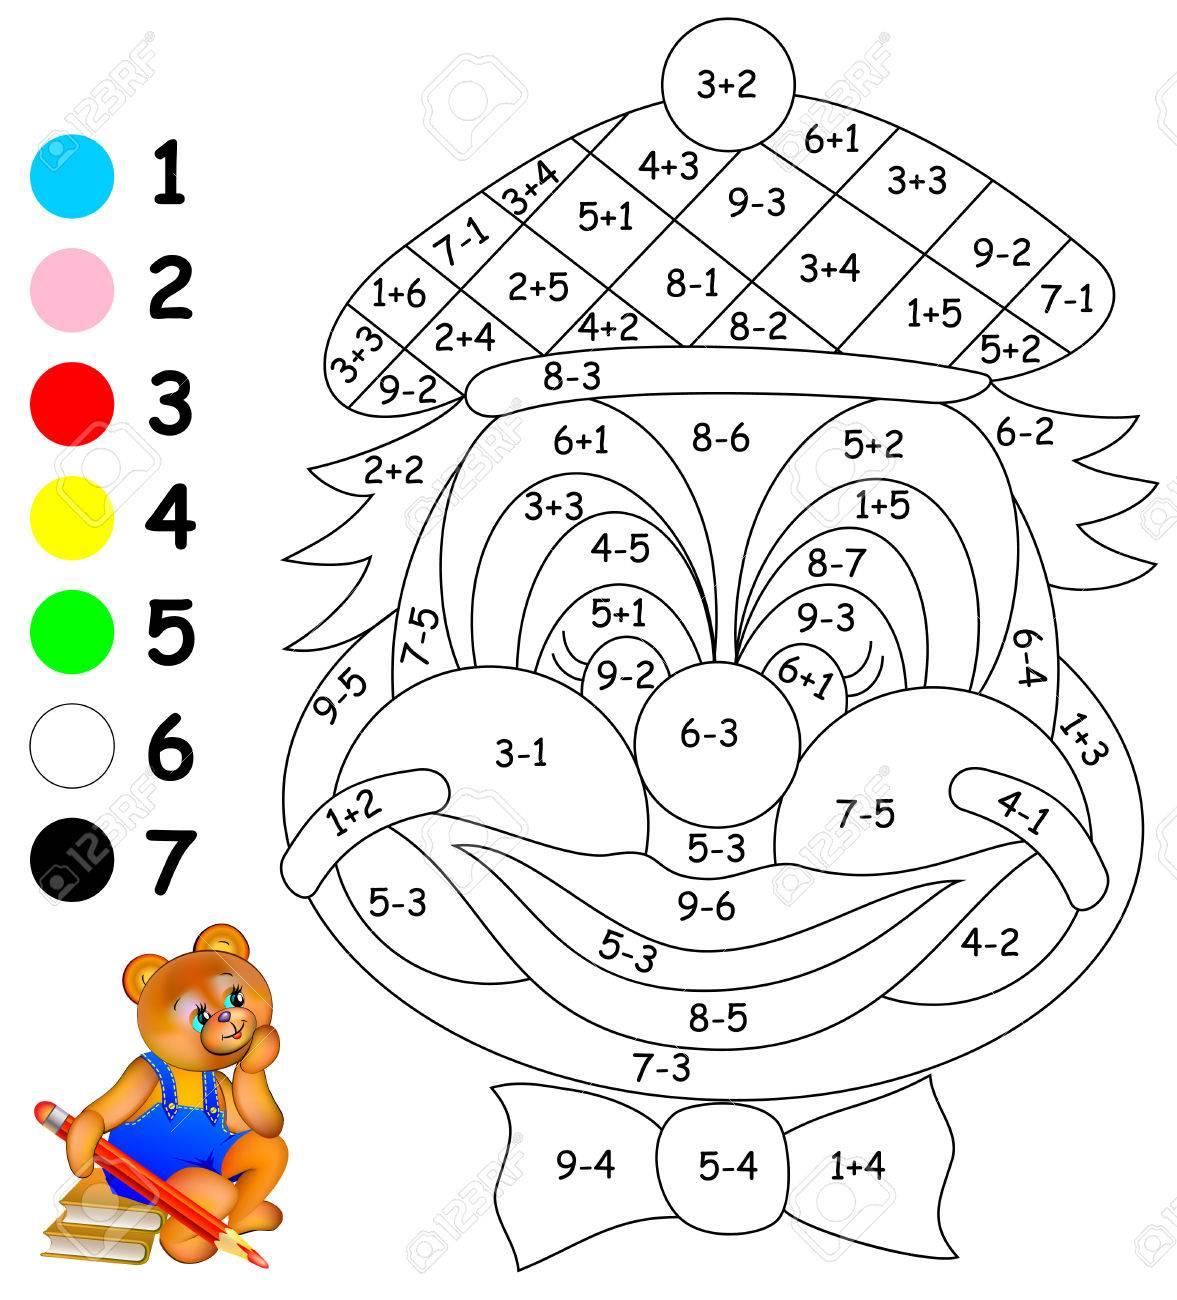 Hoja De Cálculo Matemática Para Niños Sobre Suma Y Resta Necesita Resolver Ejemplos Y Pintar La Imagen En Colores Relevantes Desarrollar